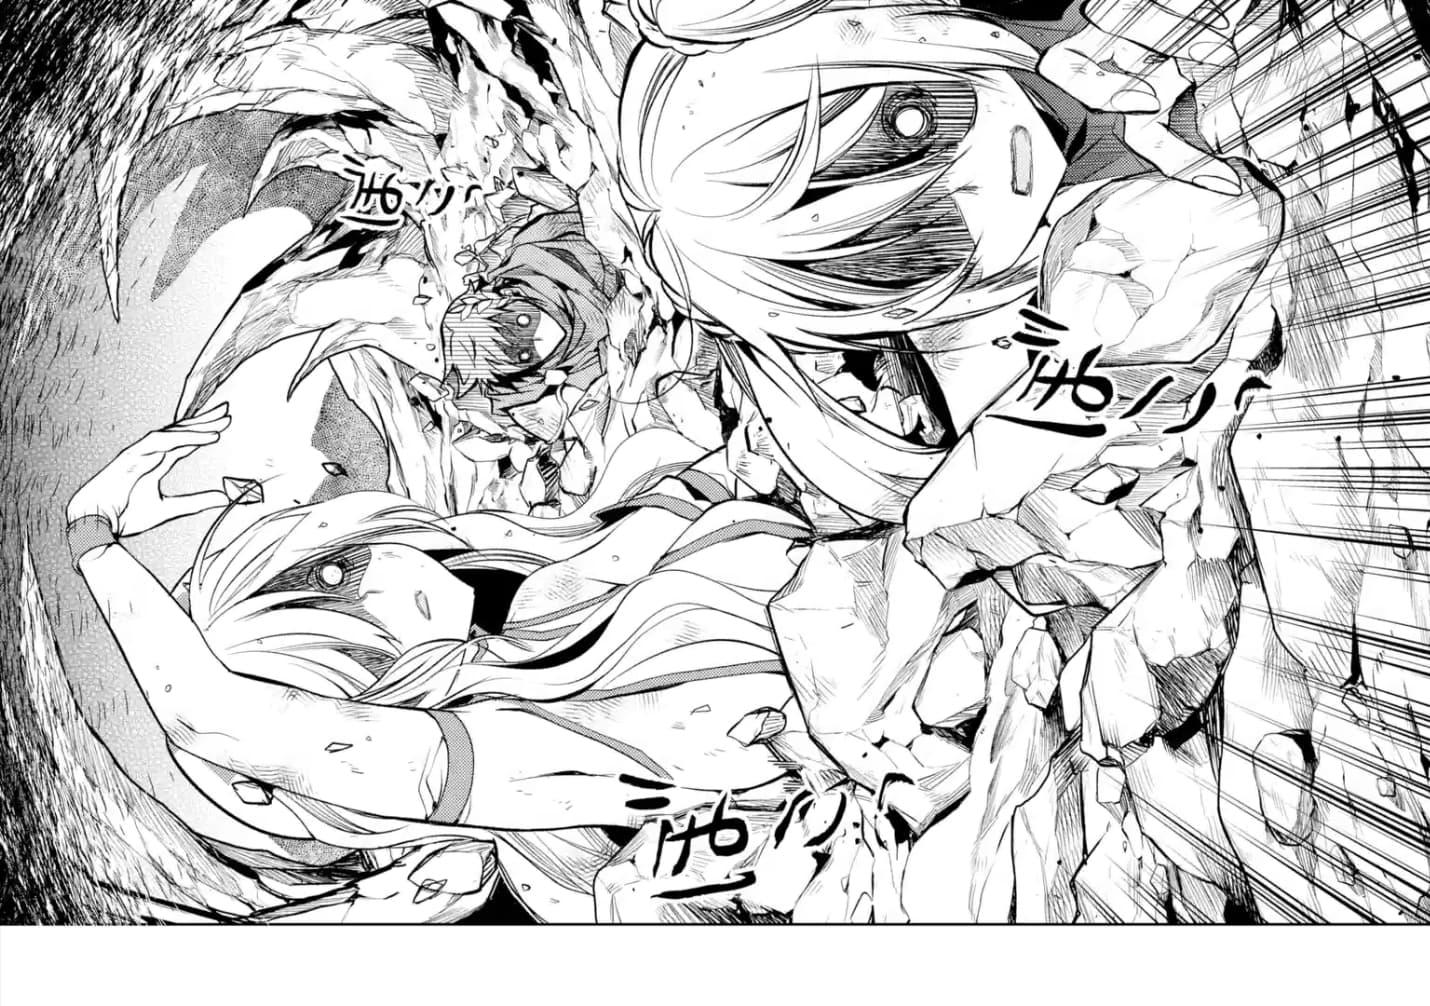 อ่านการ์ตูน Senmetsumadou no Saikyokenja ตอนที่ 4.2 หน้าที่ 17